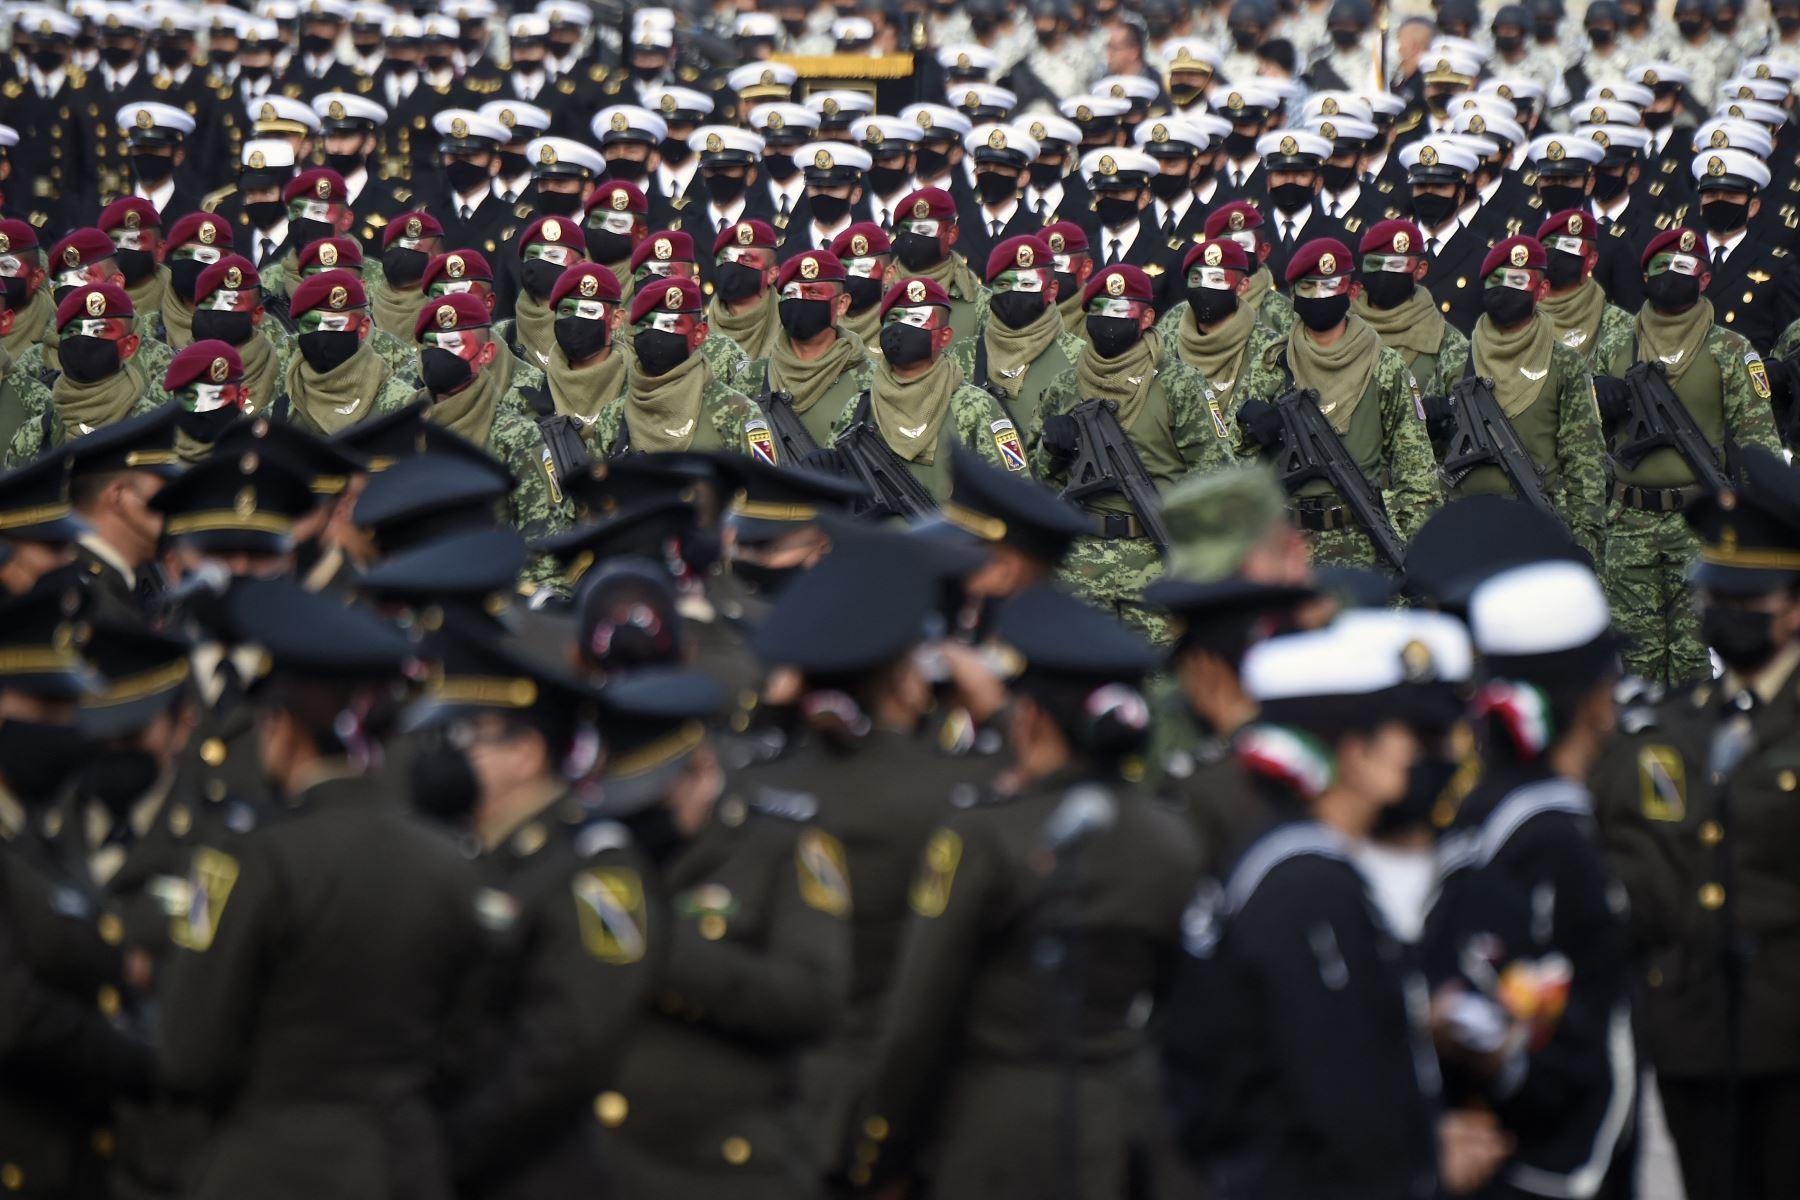 Soldados mexicanos participan en el desfile militar por el 211 aniversario del Día de la Independencia, en la Plaza Zócalo de la Ciudad de México. Foto: AFP